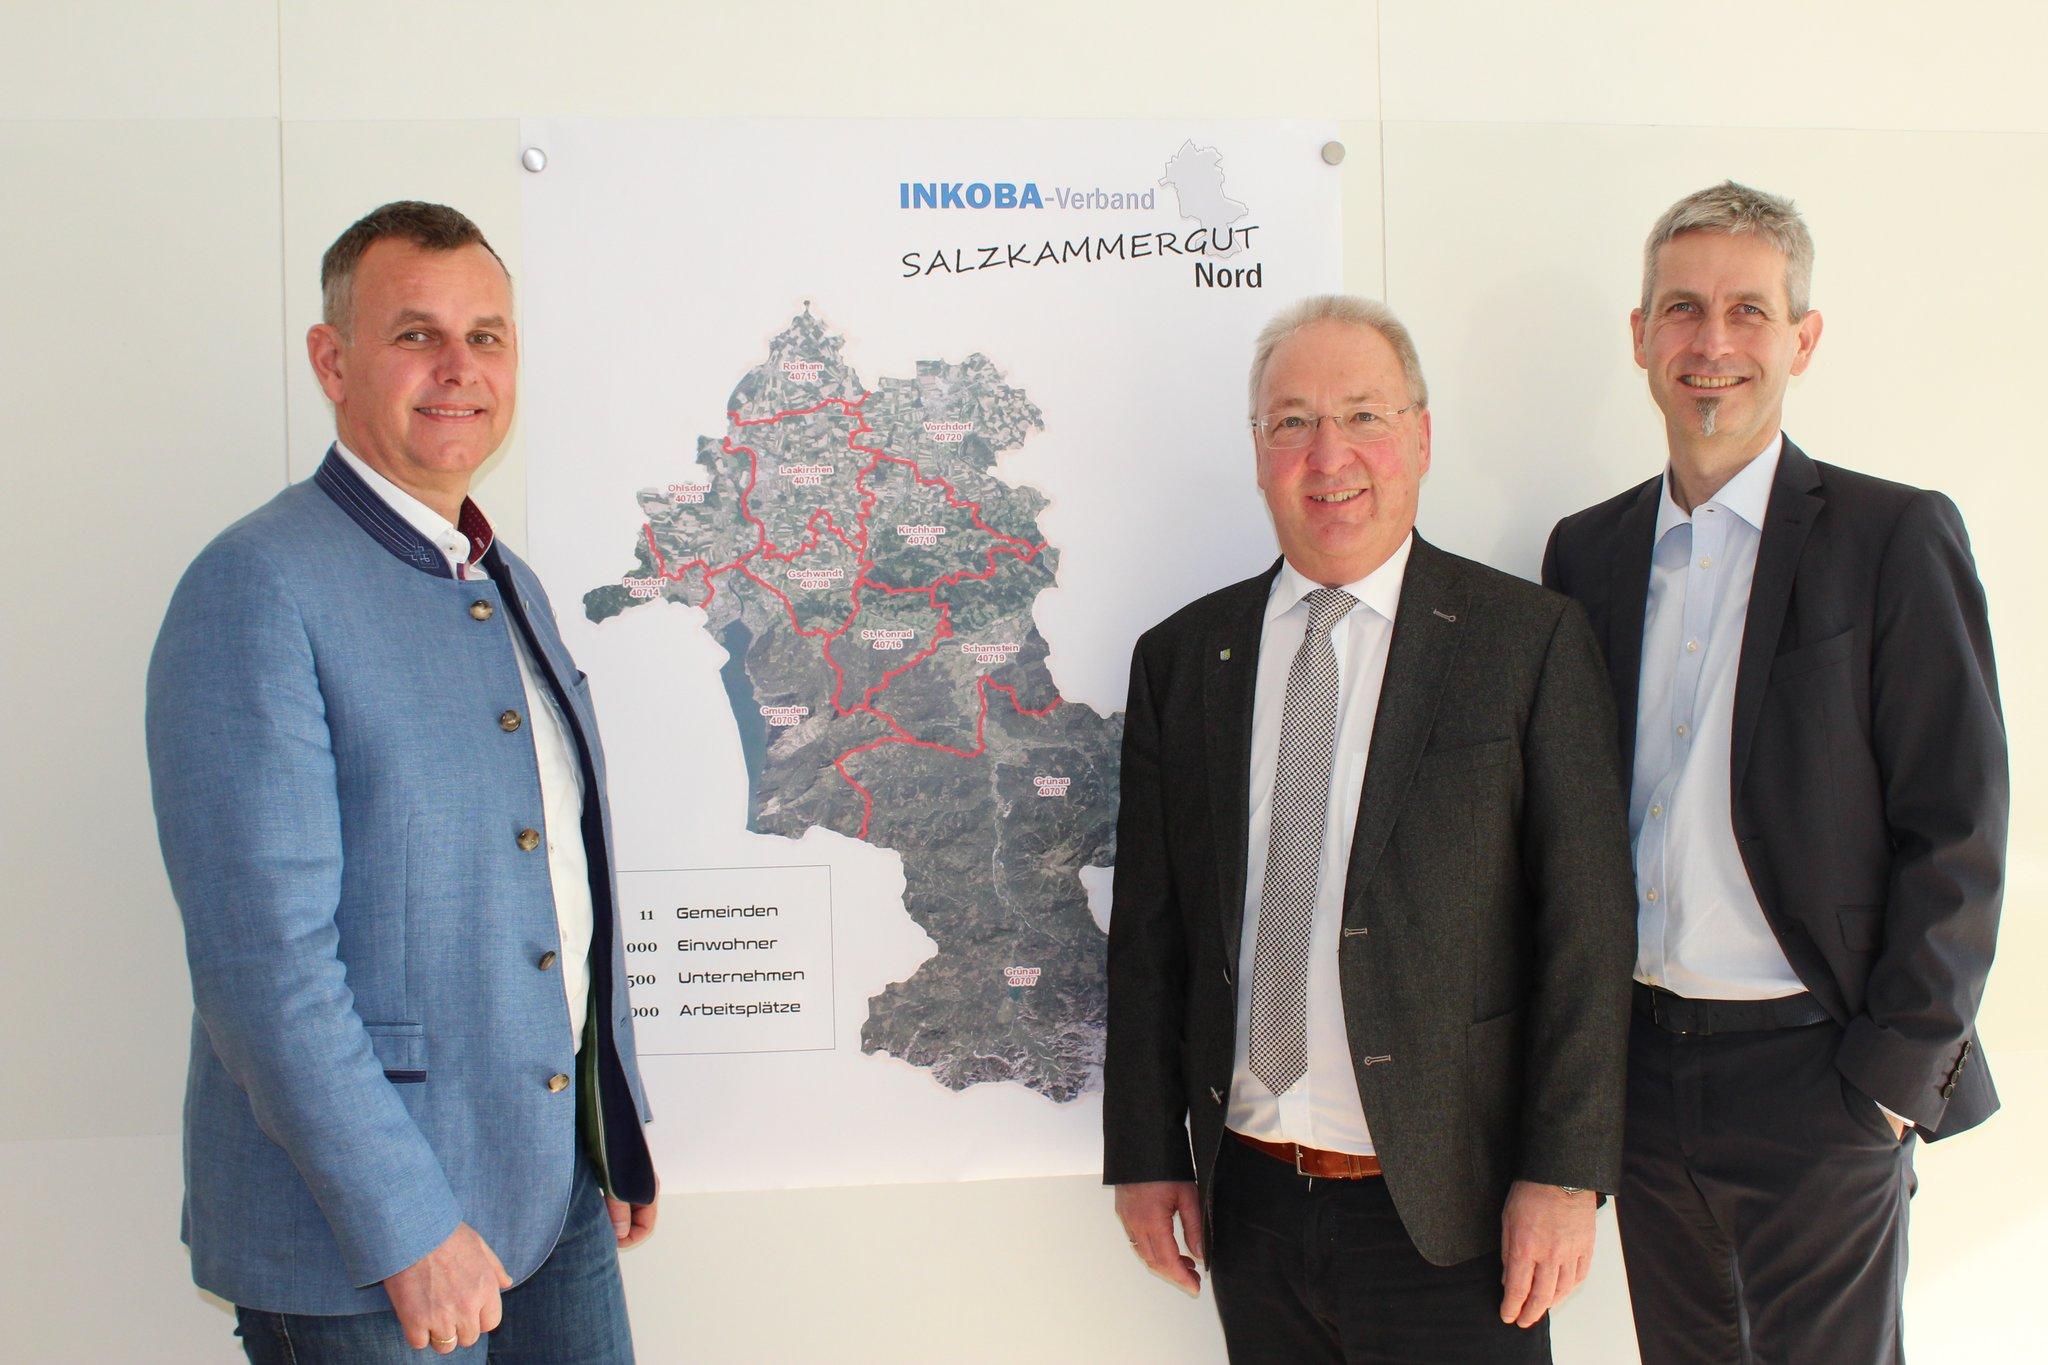 Inkoba Gruppenfoto vor Salzkammergut Plan